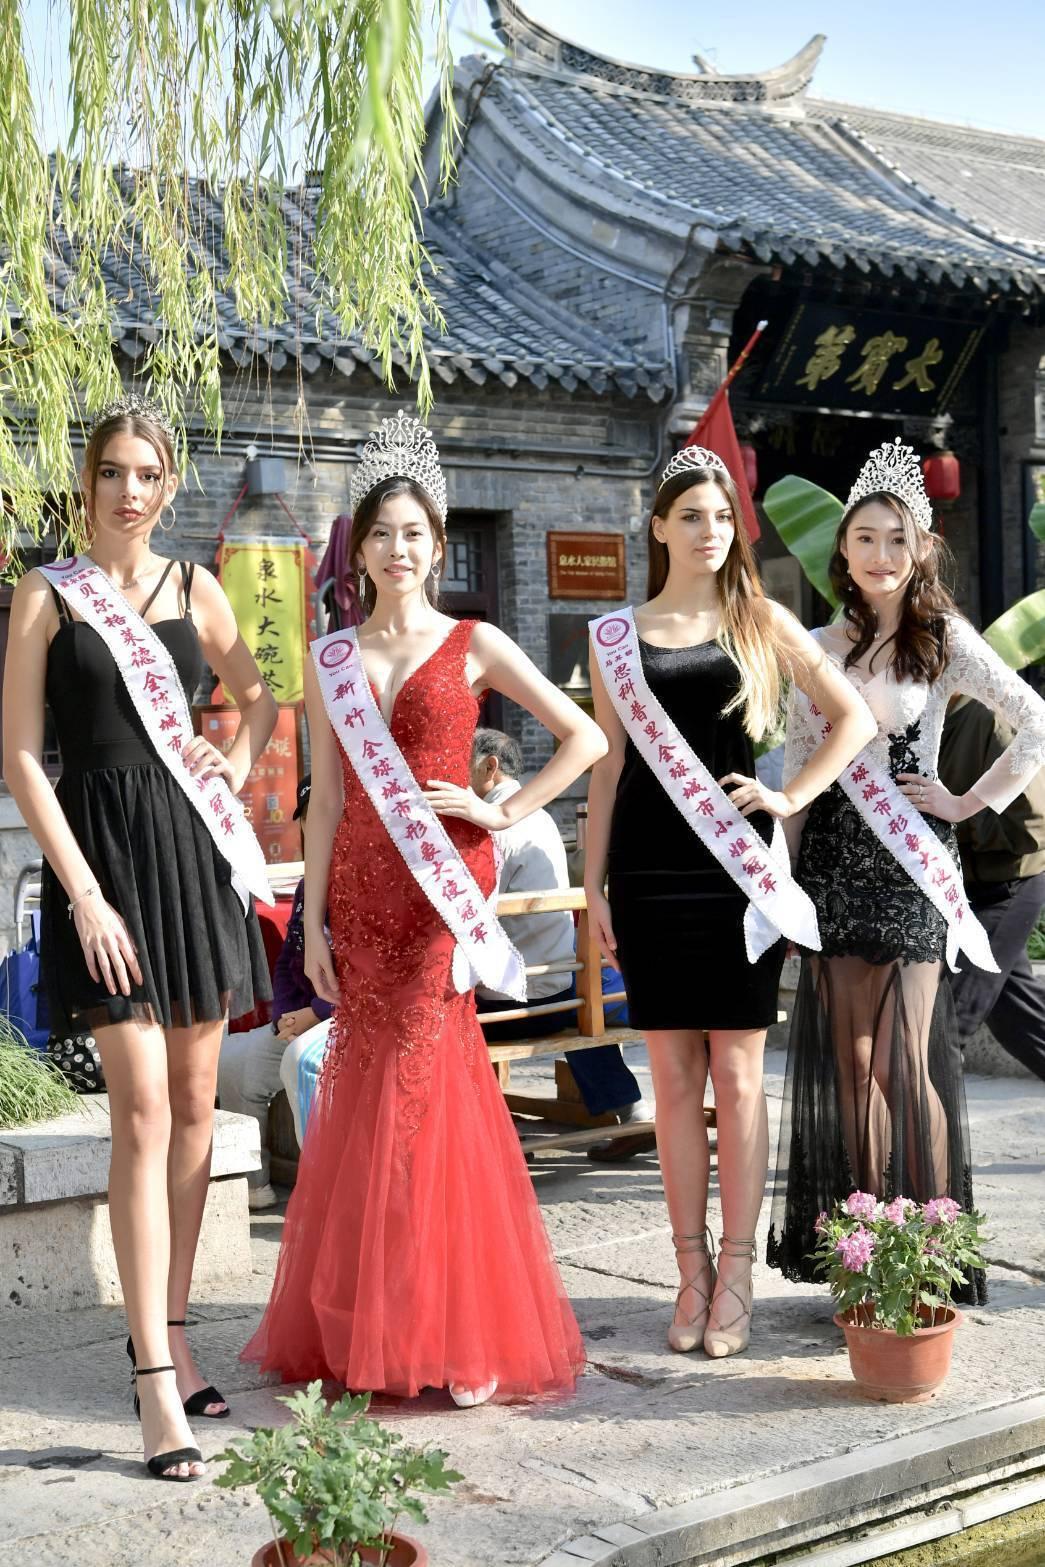 塞爾維亞的瑪麗亞(左起)、台灣新竹的柯純心、馬其頓的克利斯汀娜以及香港的黃紀童即